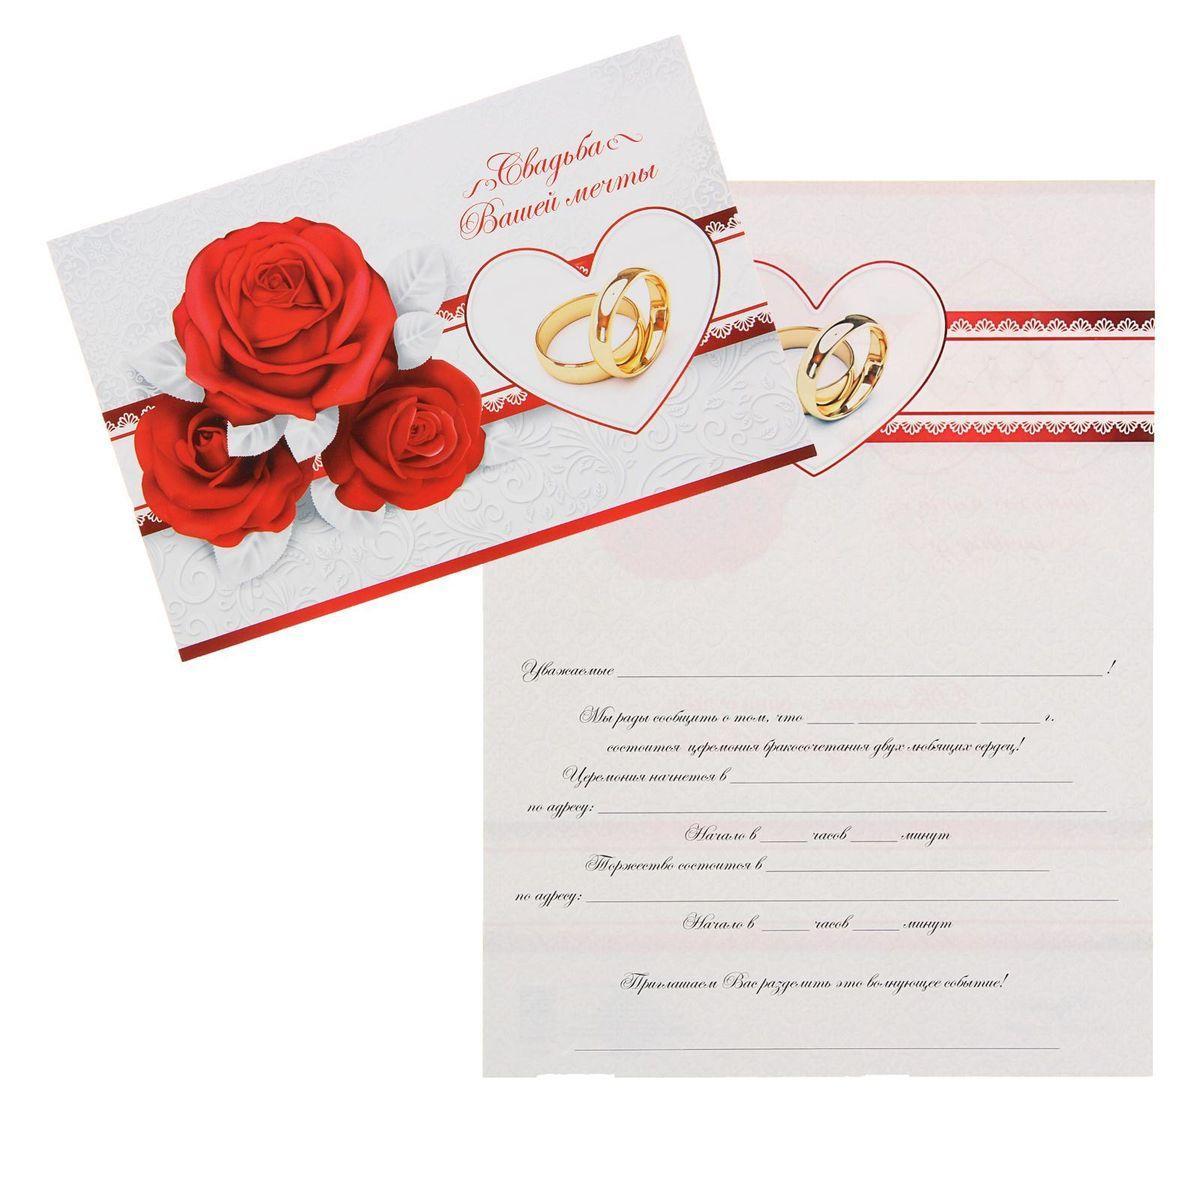 Приглашение на свадьбу Sima-land Красные розы, 18 х 12 смNN-612-LS-PLСвадьба - одно из главных событий в жизни каждого человека. Для идеального торжества необходимо продумать каждую мелочь. Родным и близким будет приятно получить индивидуальную красивую открытку с эксклюзивным дизайном.На развороте изделия содержится текст, в который вы можете вписать свои данные.С открыткой Sima-land Красные розы вы оригинально пригласите всех своих друзей и родственников на ваш праздник.